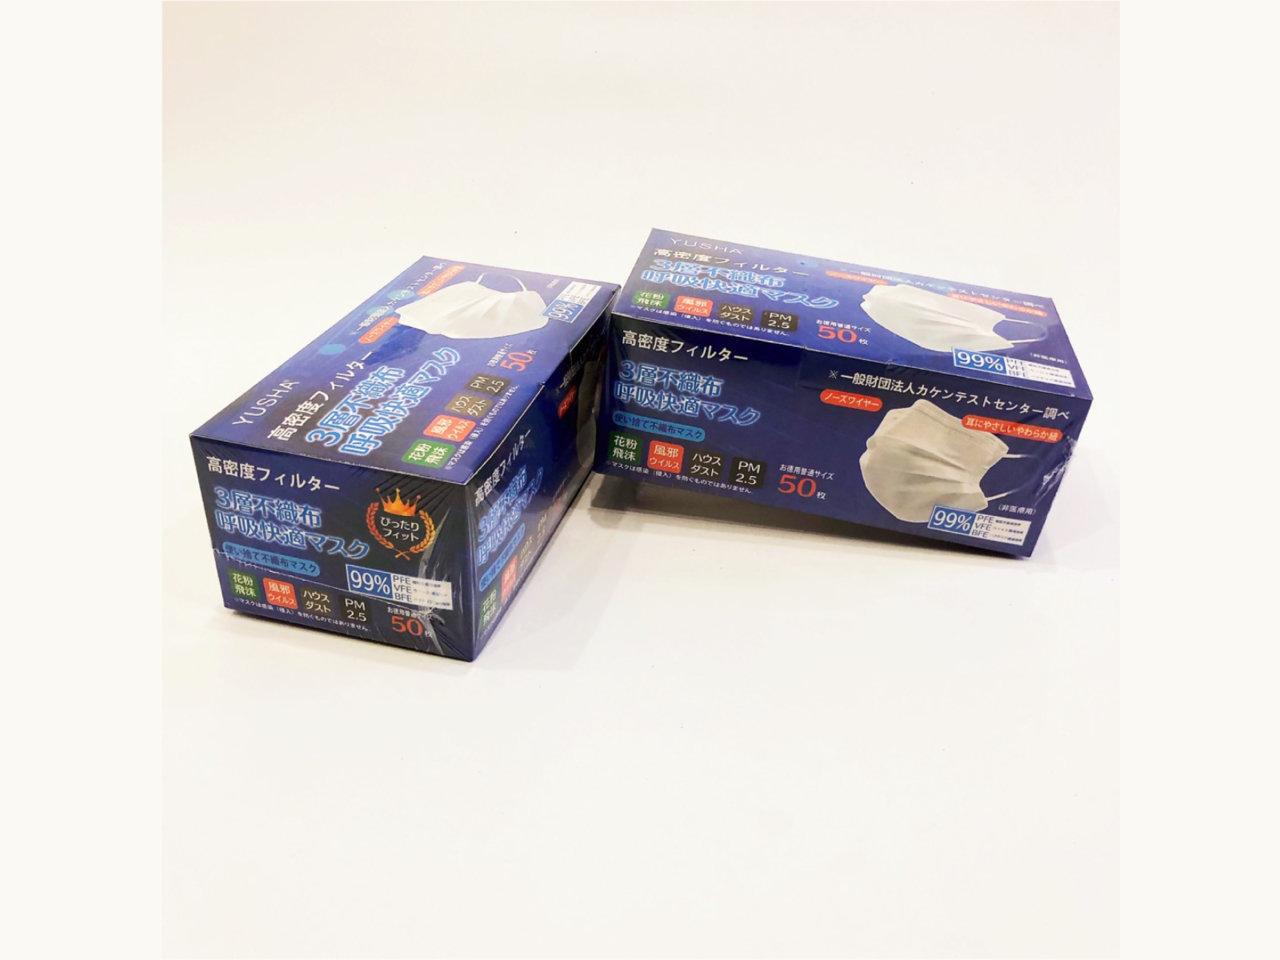 1箱(50枚入)250円×10箱〜。ウイルスを99%カットする高性能不織布マスク再入荷です。